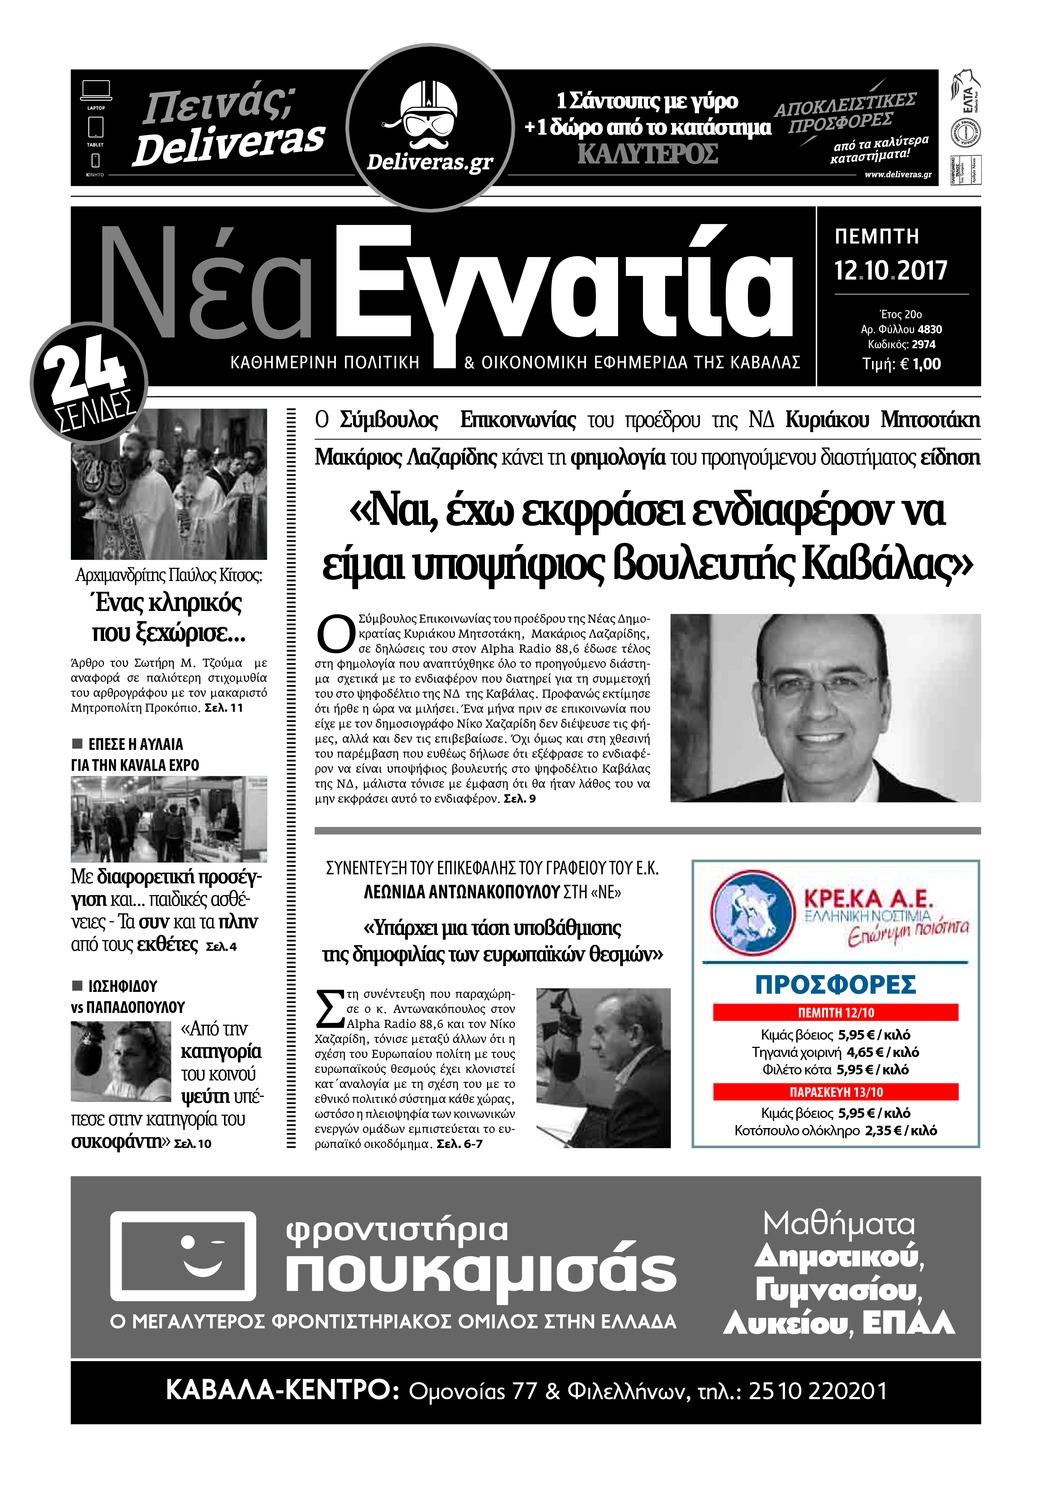 Πρωτοσέλιδο εφημερίδας Νέα Εγνατία